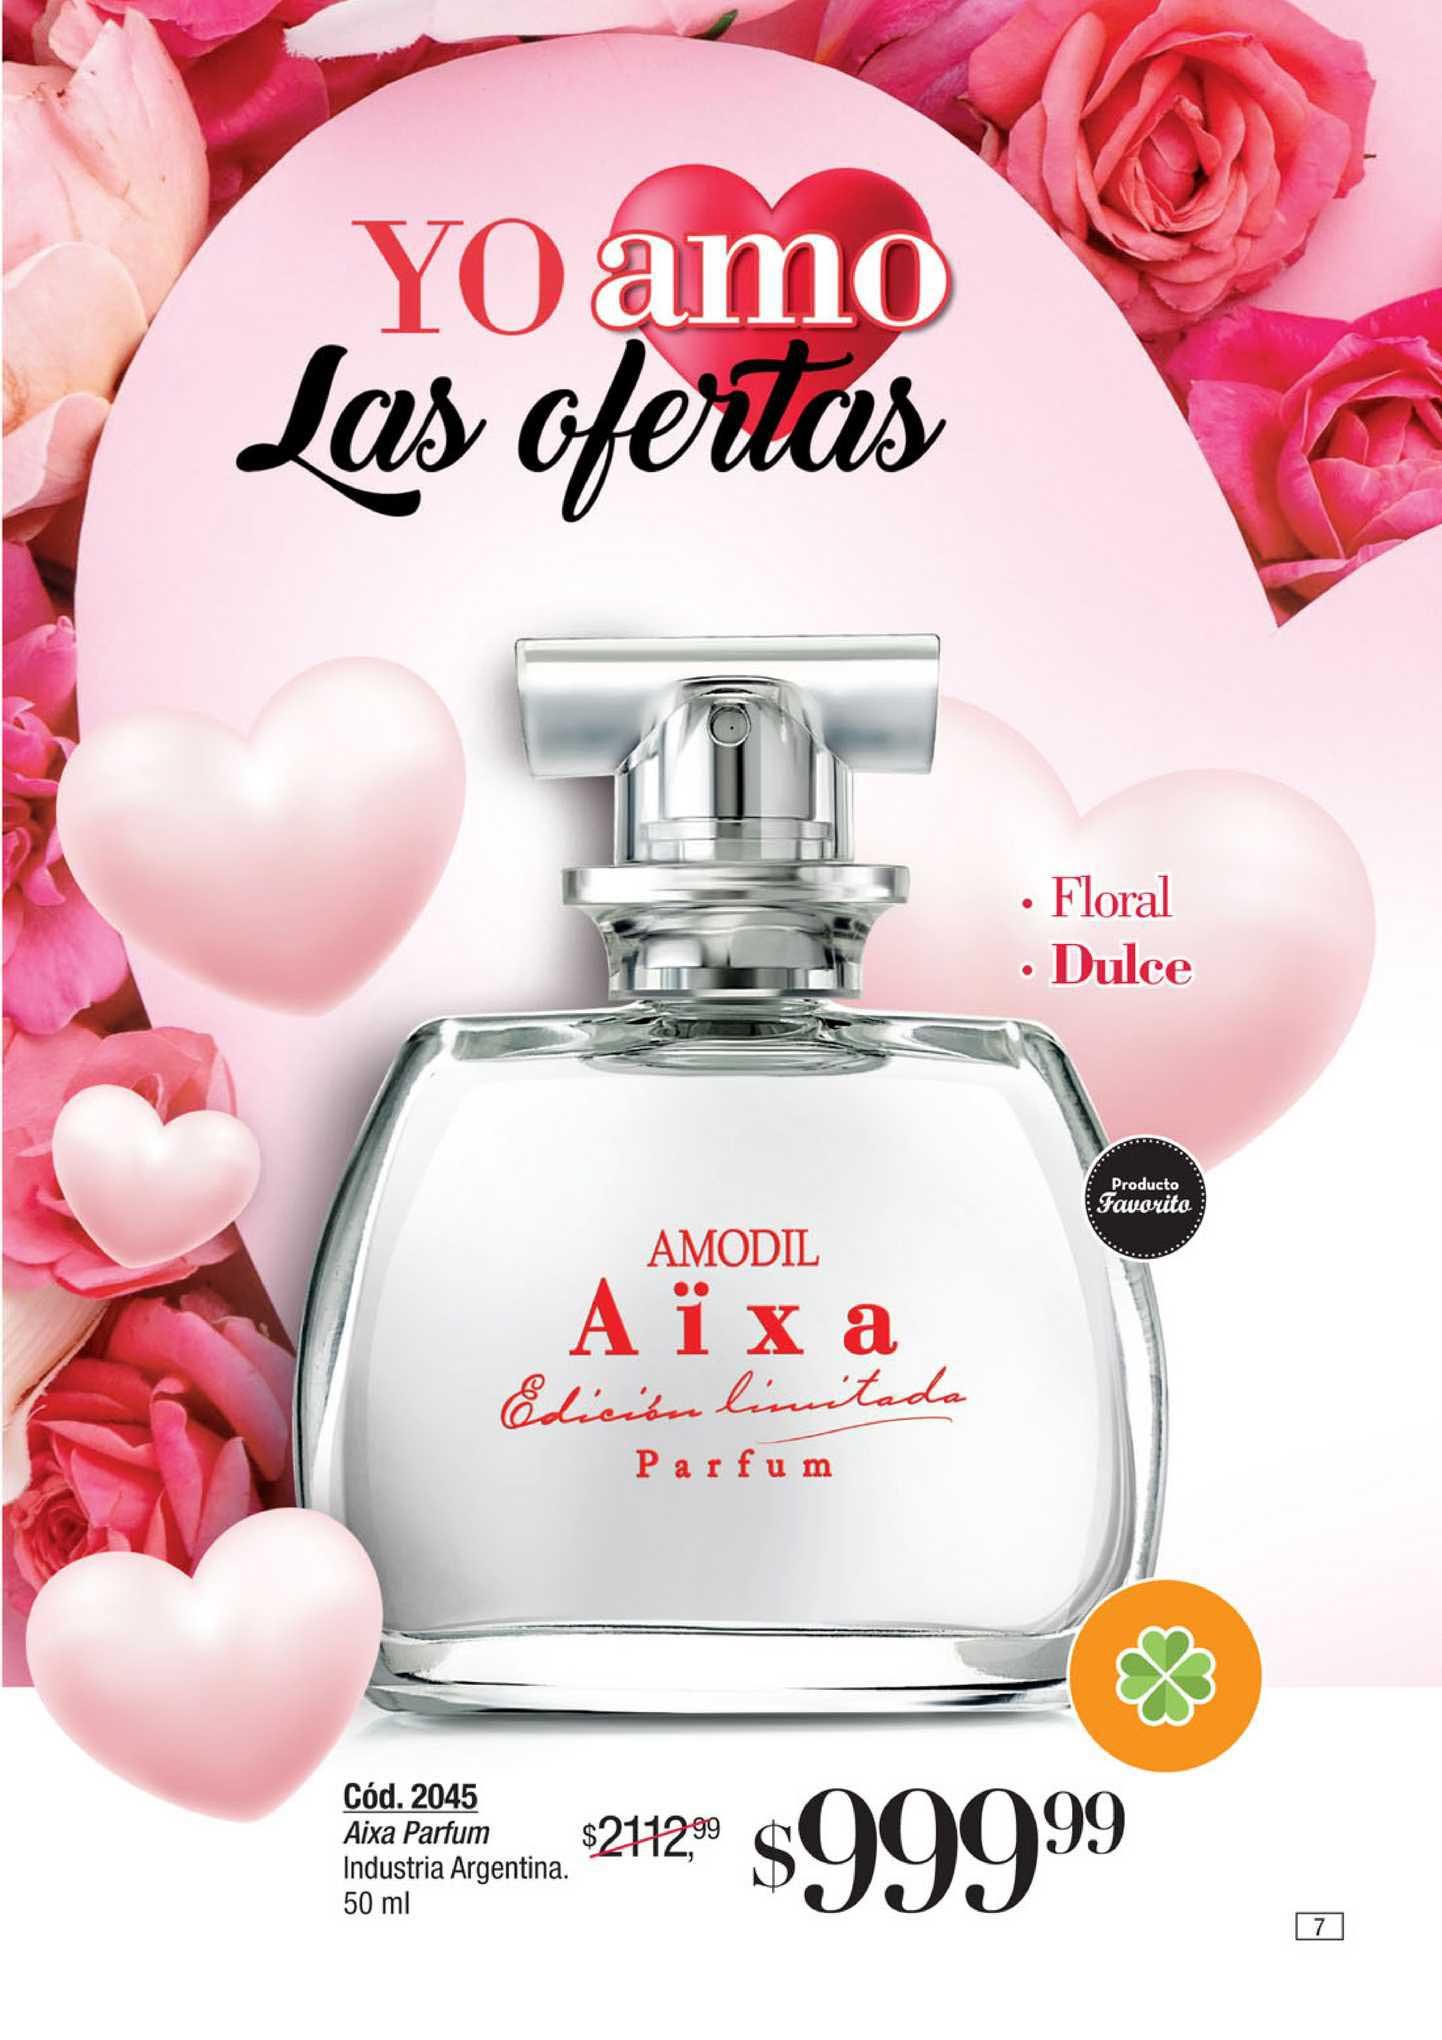 Amodil Aixa Parfum